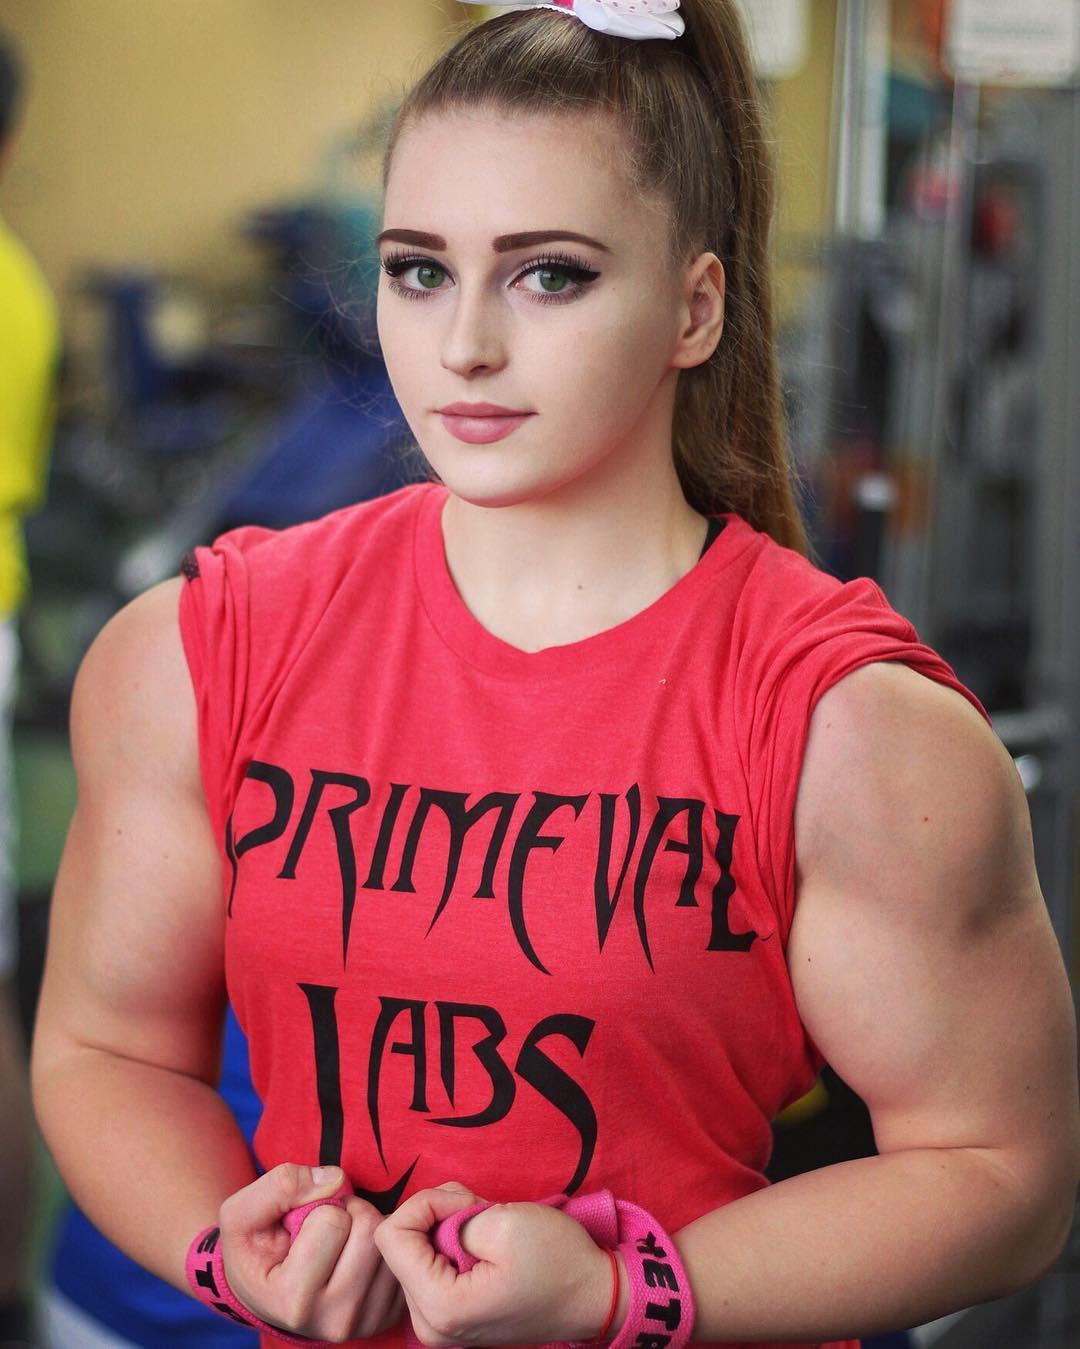 Gefallen euch muskulöse Frauen? (Seite 2) - Allmystery